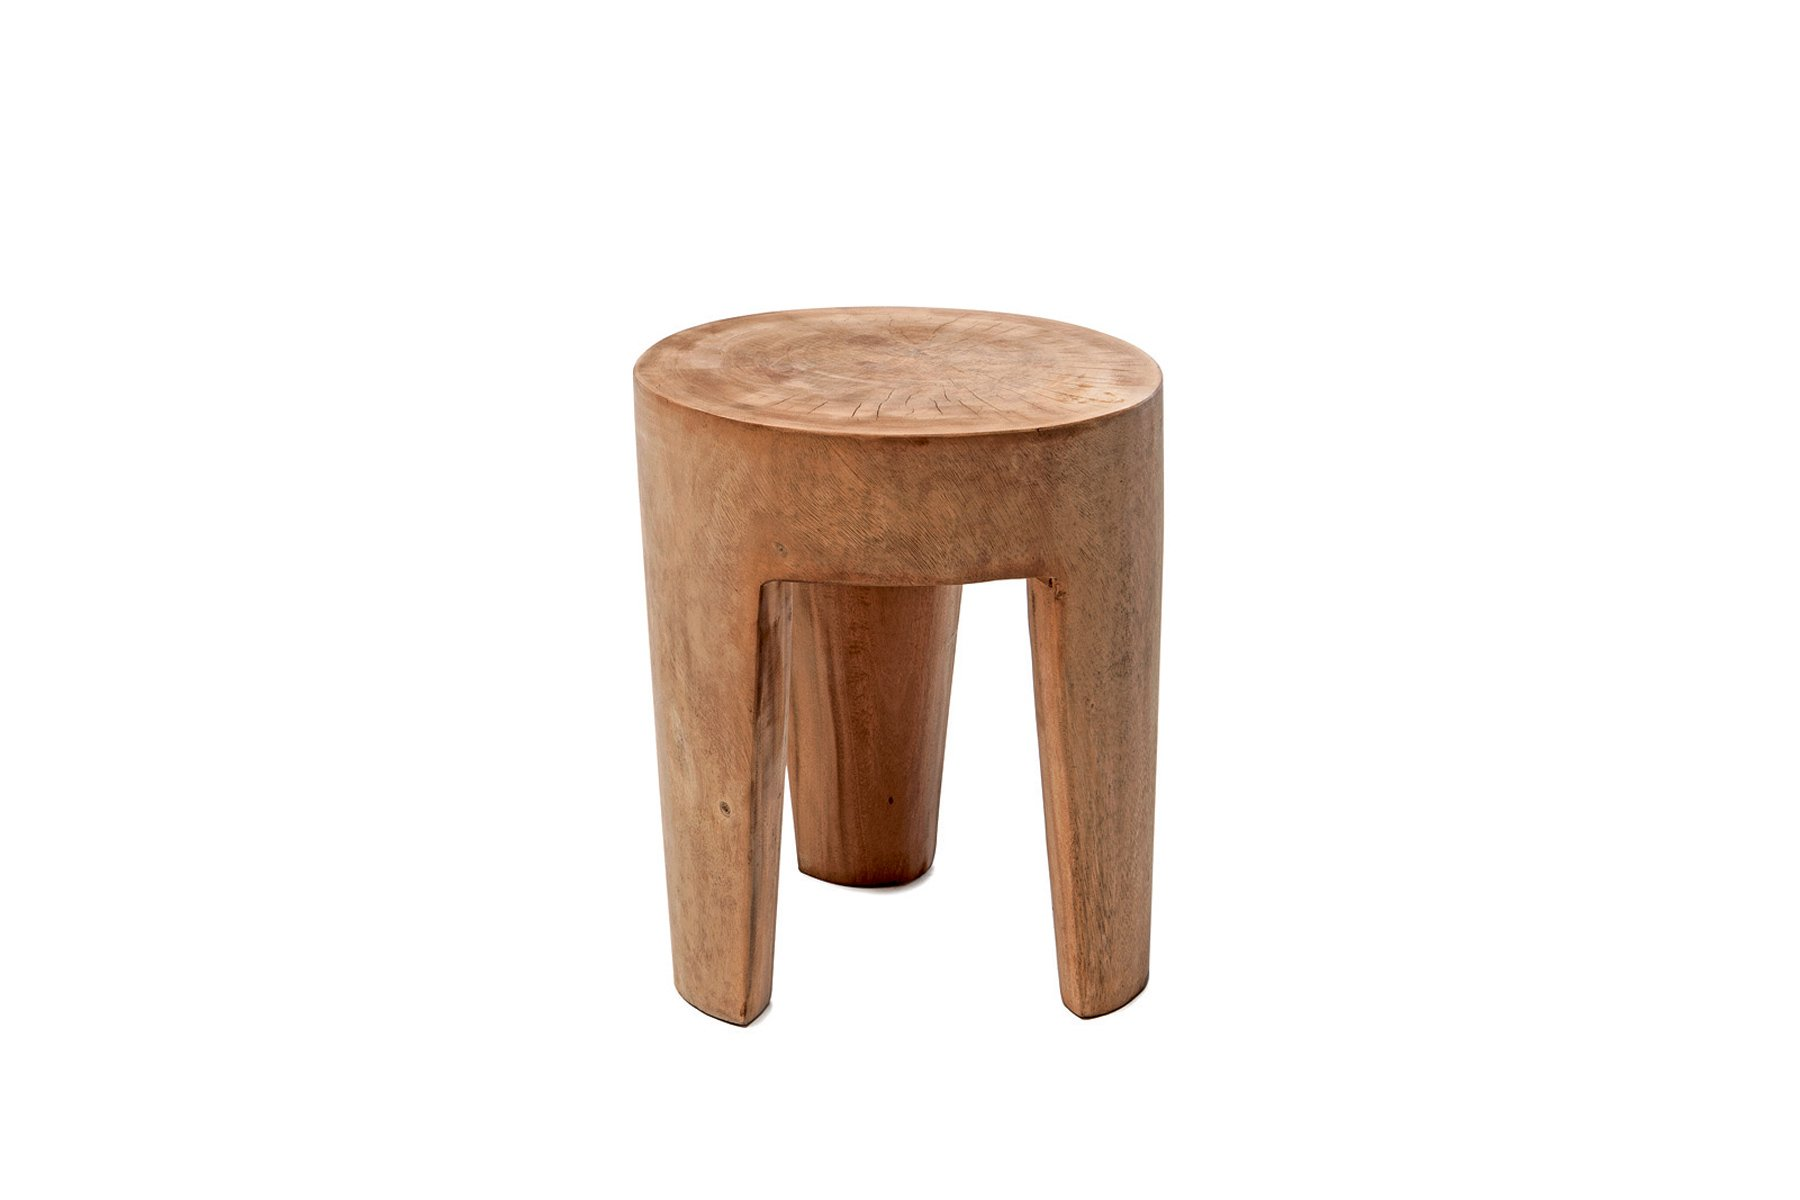 Visualizza dettagli: sgabello con tre gambe il giardino di legno